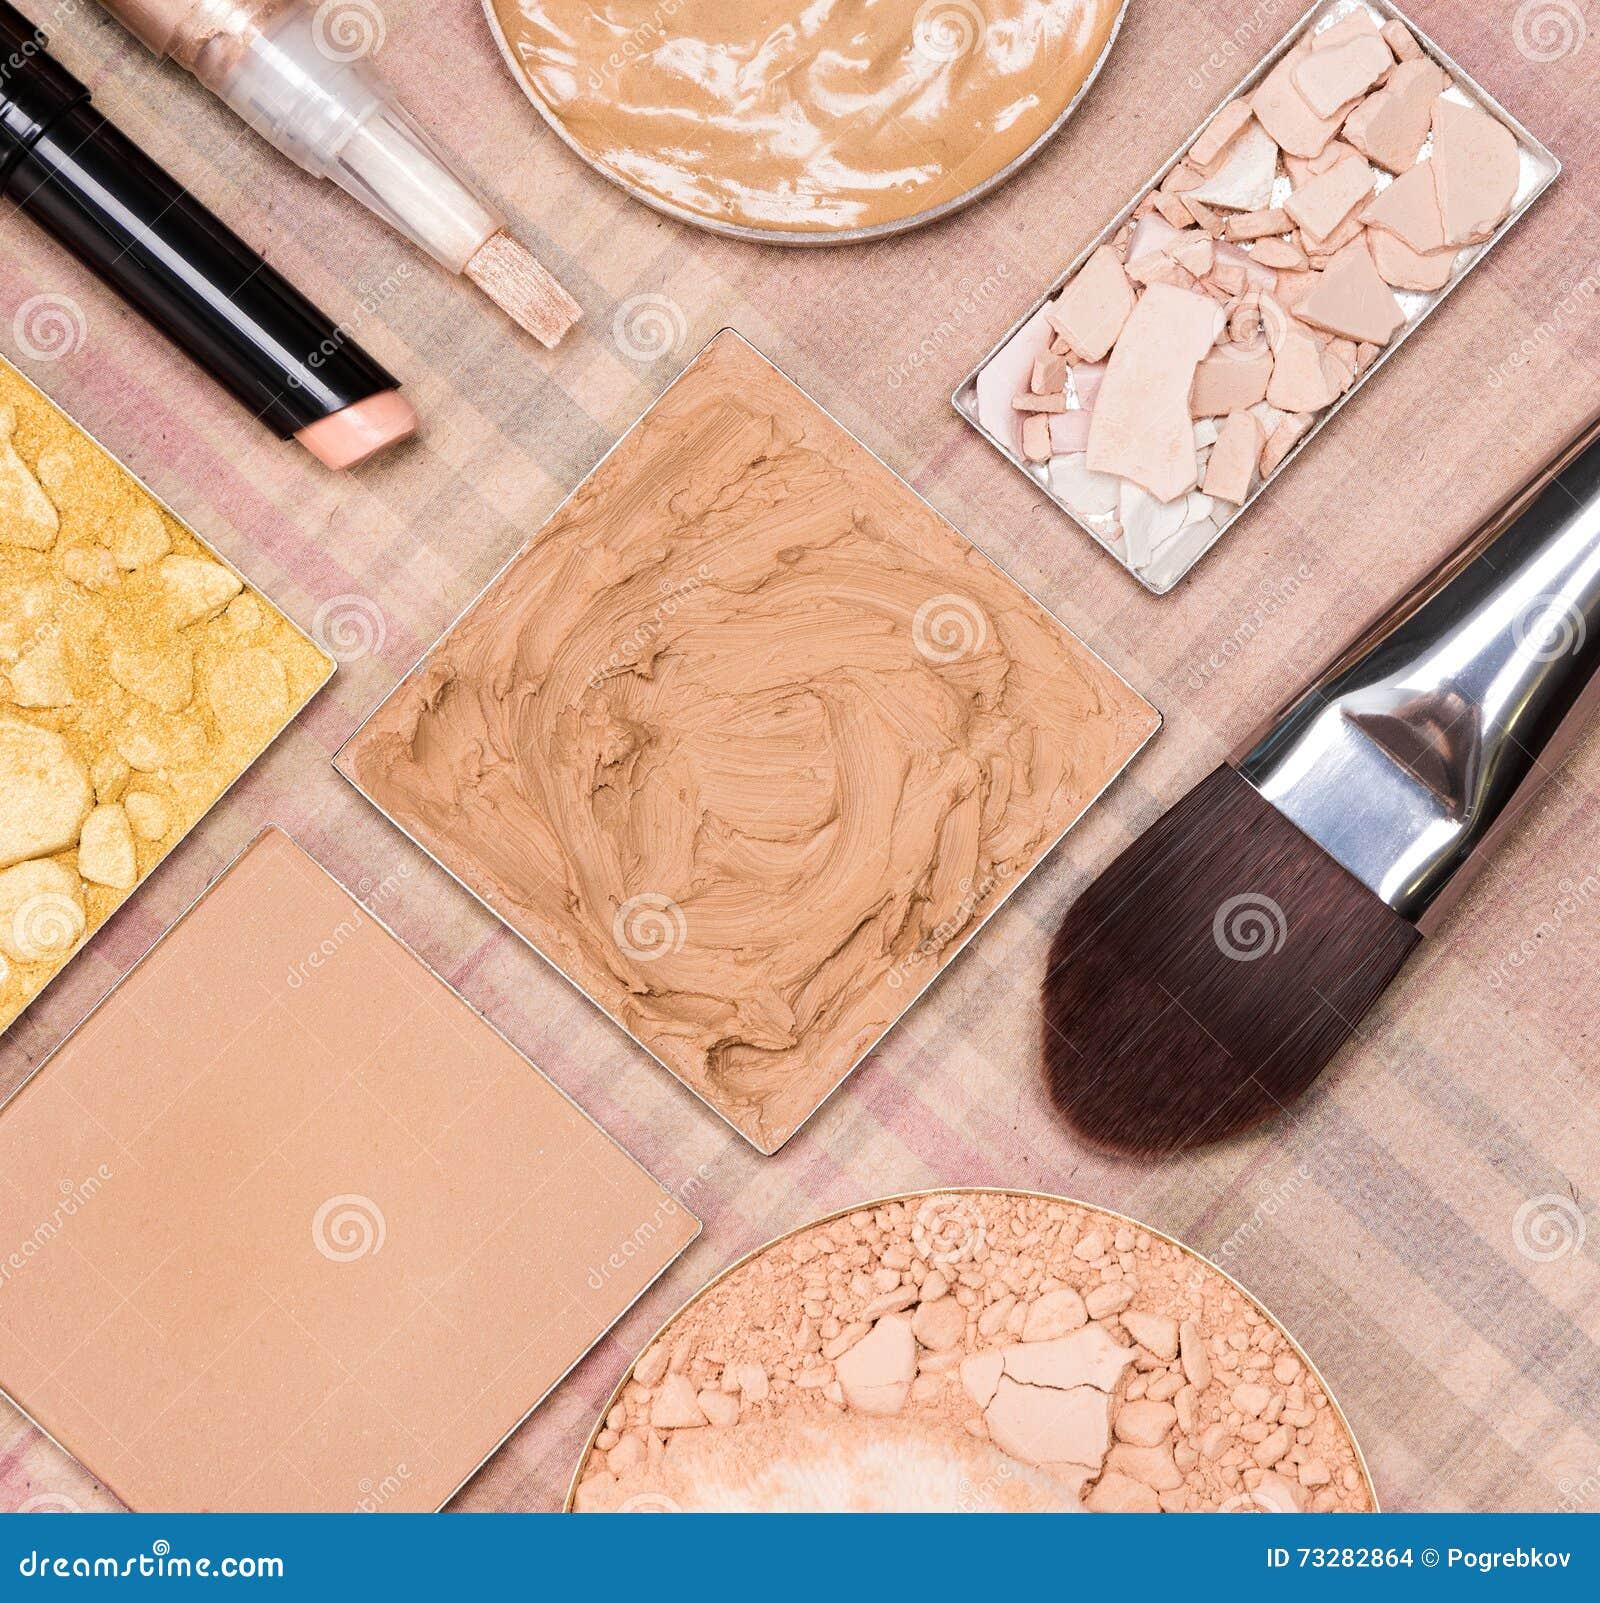 Prodotti di bellezza di base per creare bello incarnato